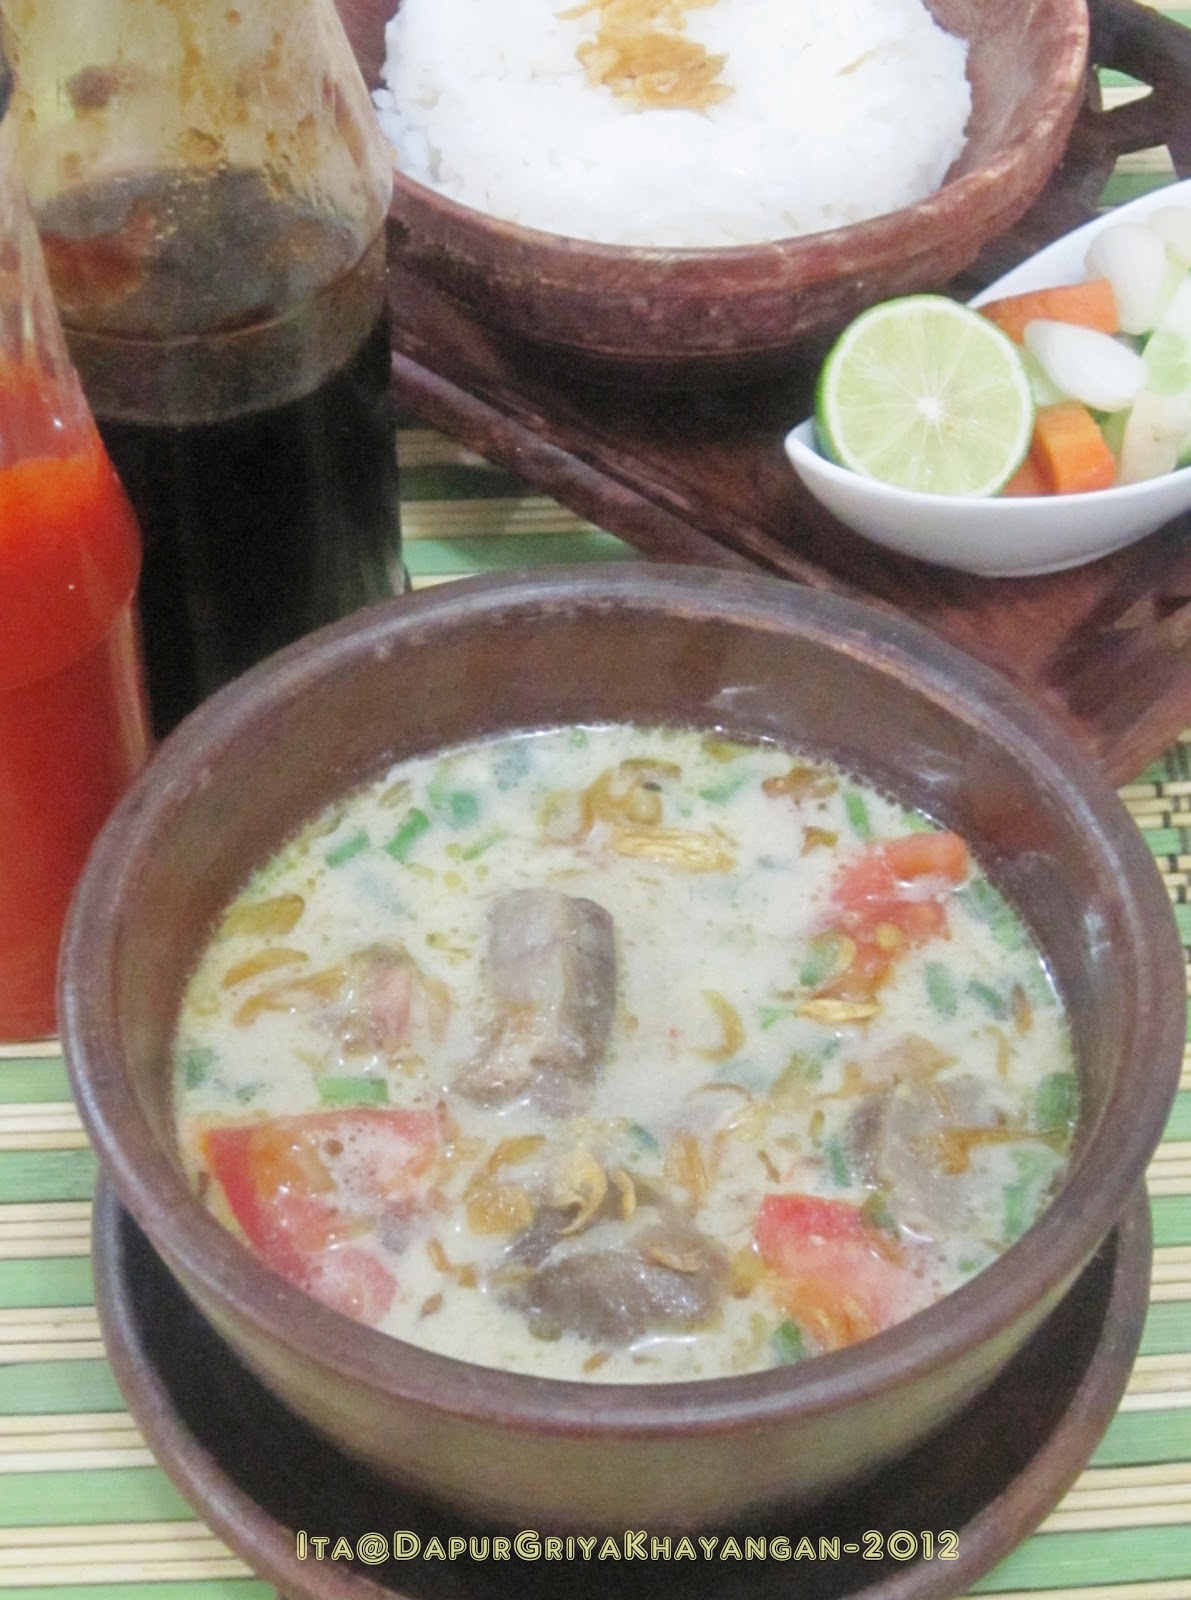 Resep Soto Betawi Bening : resep, betawi, bening, Dapur, Griya, Khayangan:, BETAWI